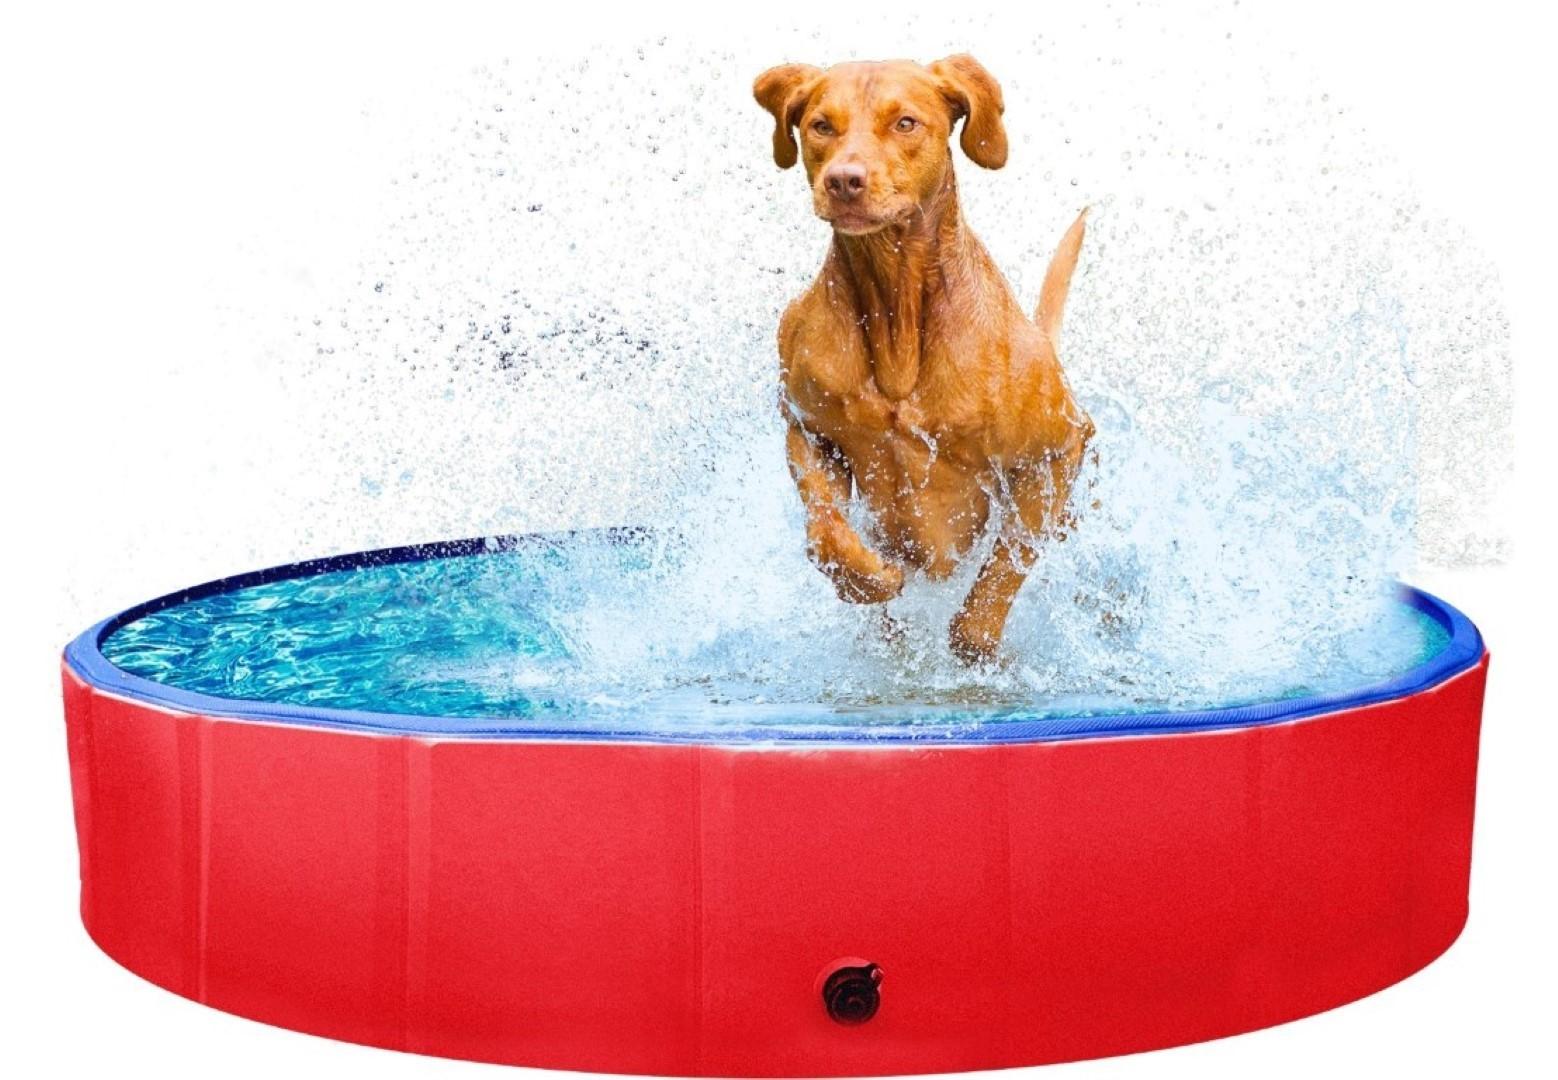 Kowloon hondenzwembad anti-slip 120x30 cm (M) rood/blauw